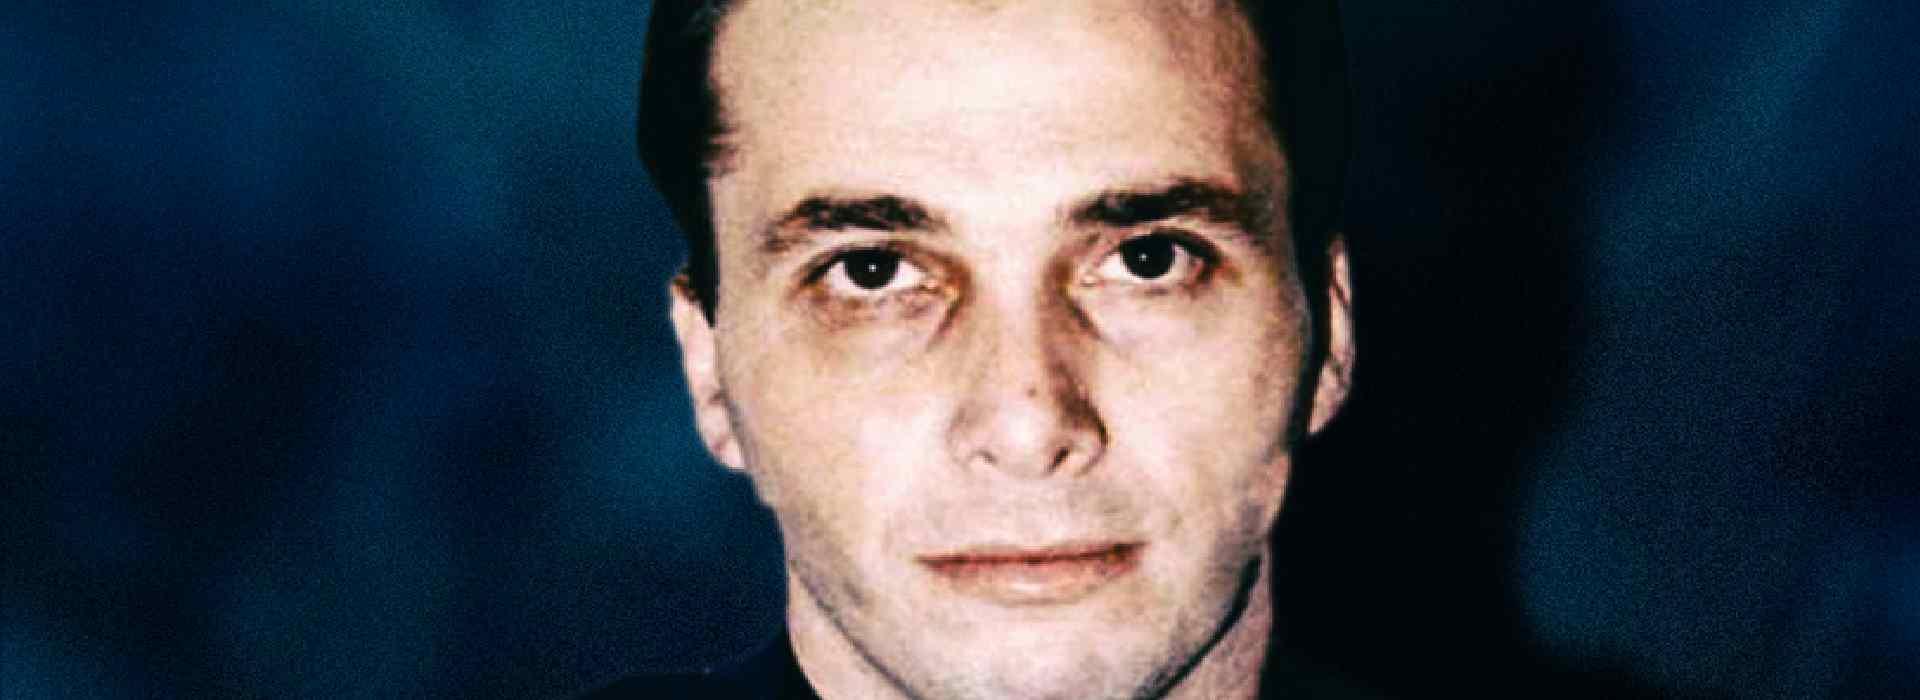 Carcere ostativo: il regalo di Pasqua della Corte Costituzionale ai mafiosi e il silenzio del governo Draghi